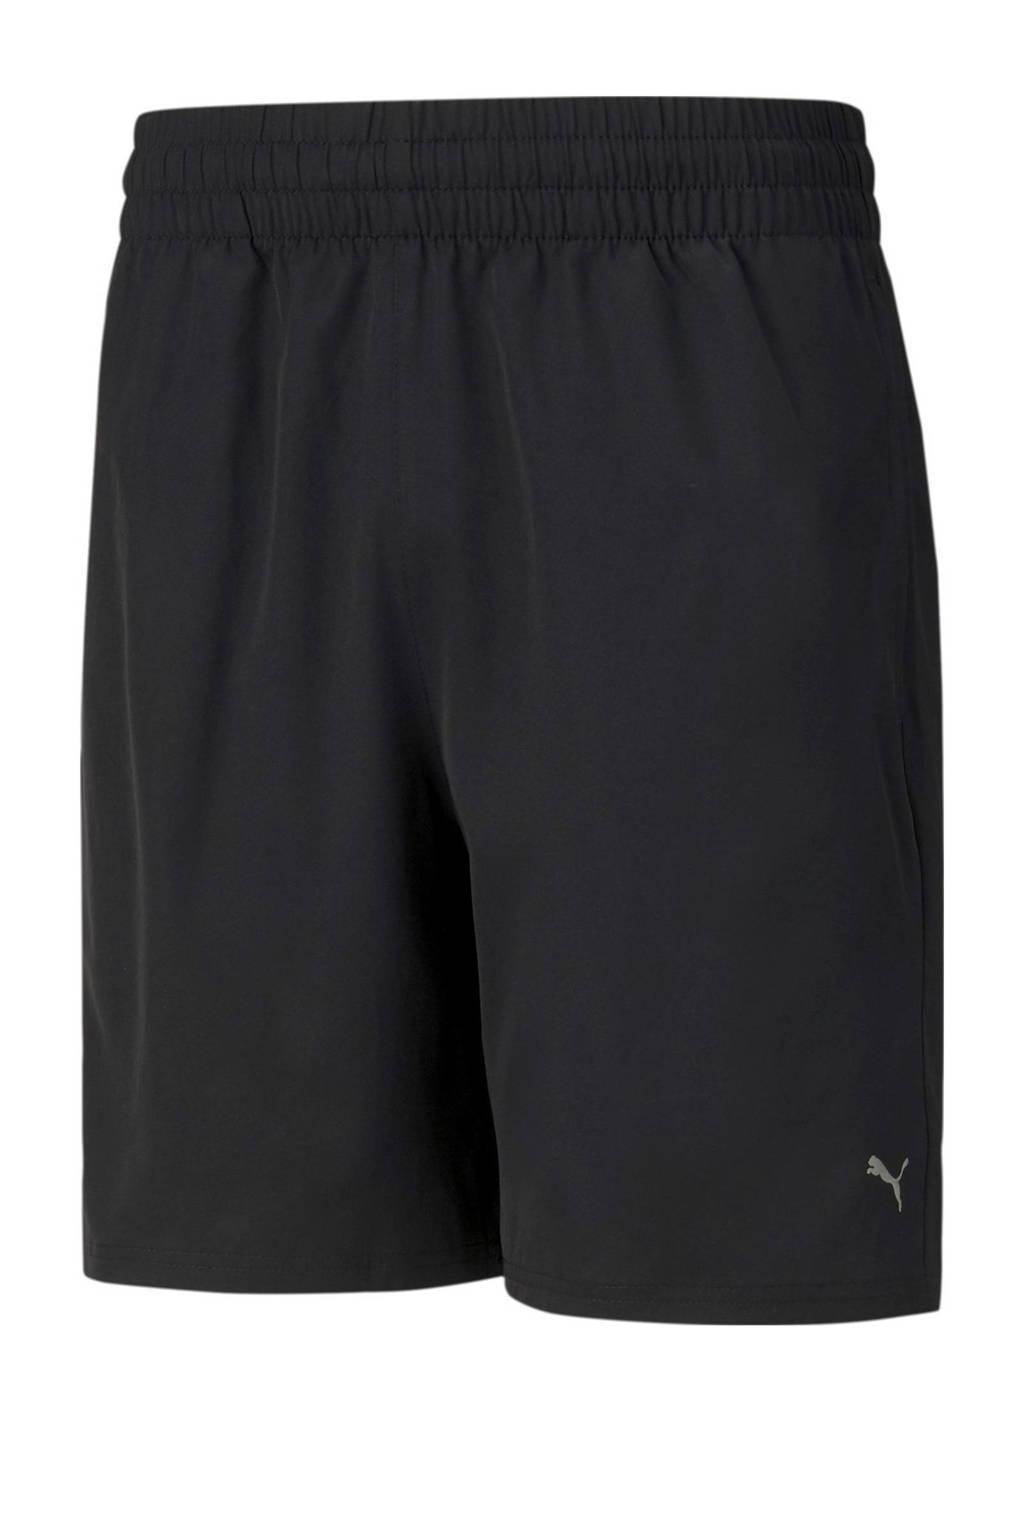 Puma   sport short zwart, Zwart